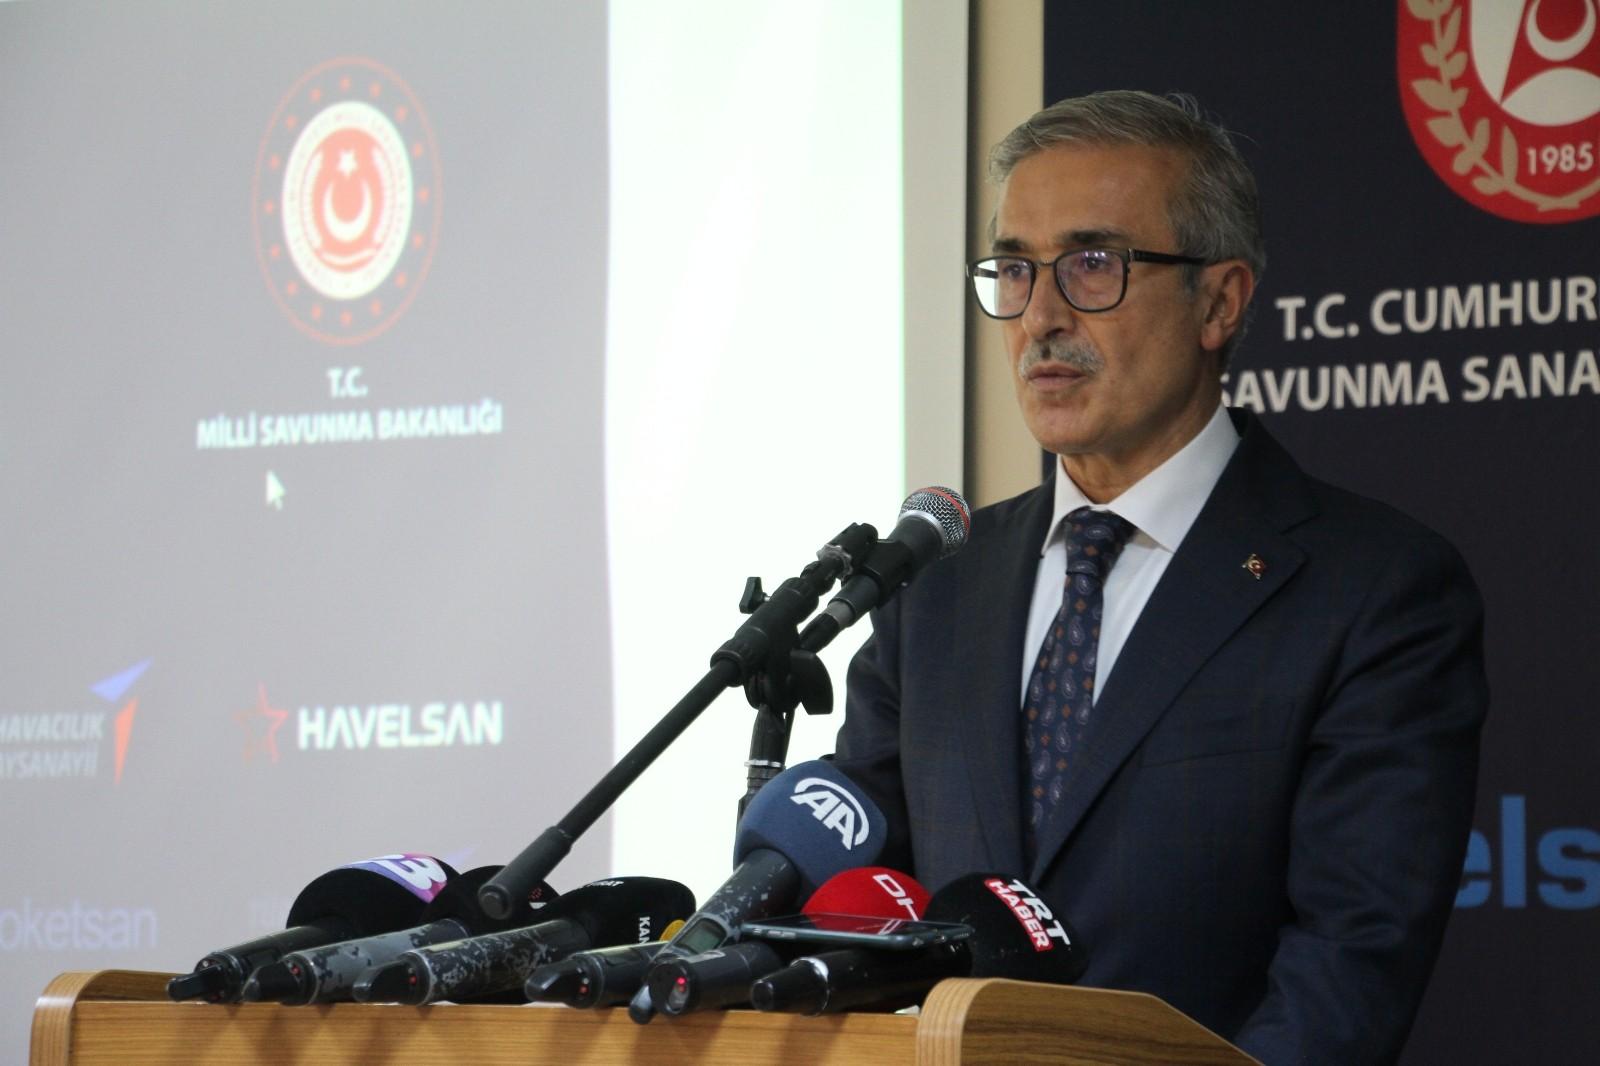 Savunma Sanayii Başkanı Demir: Gücü olmayan ve kullanmayan milletler ayakta kalamaz